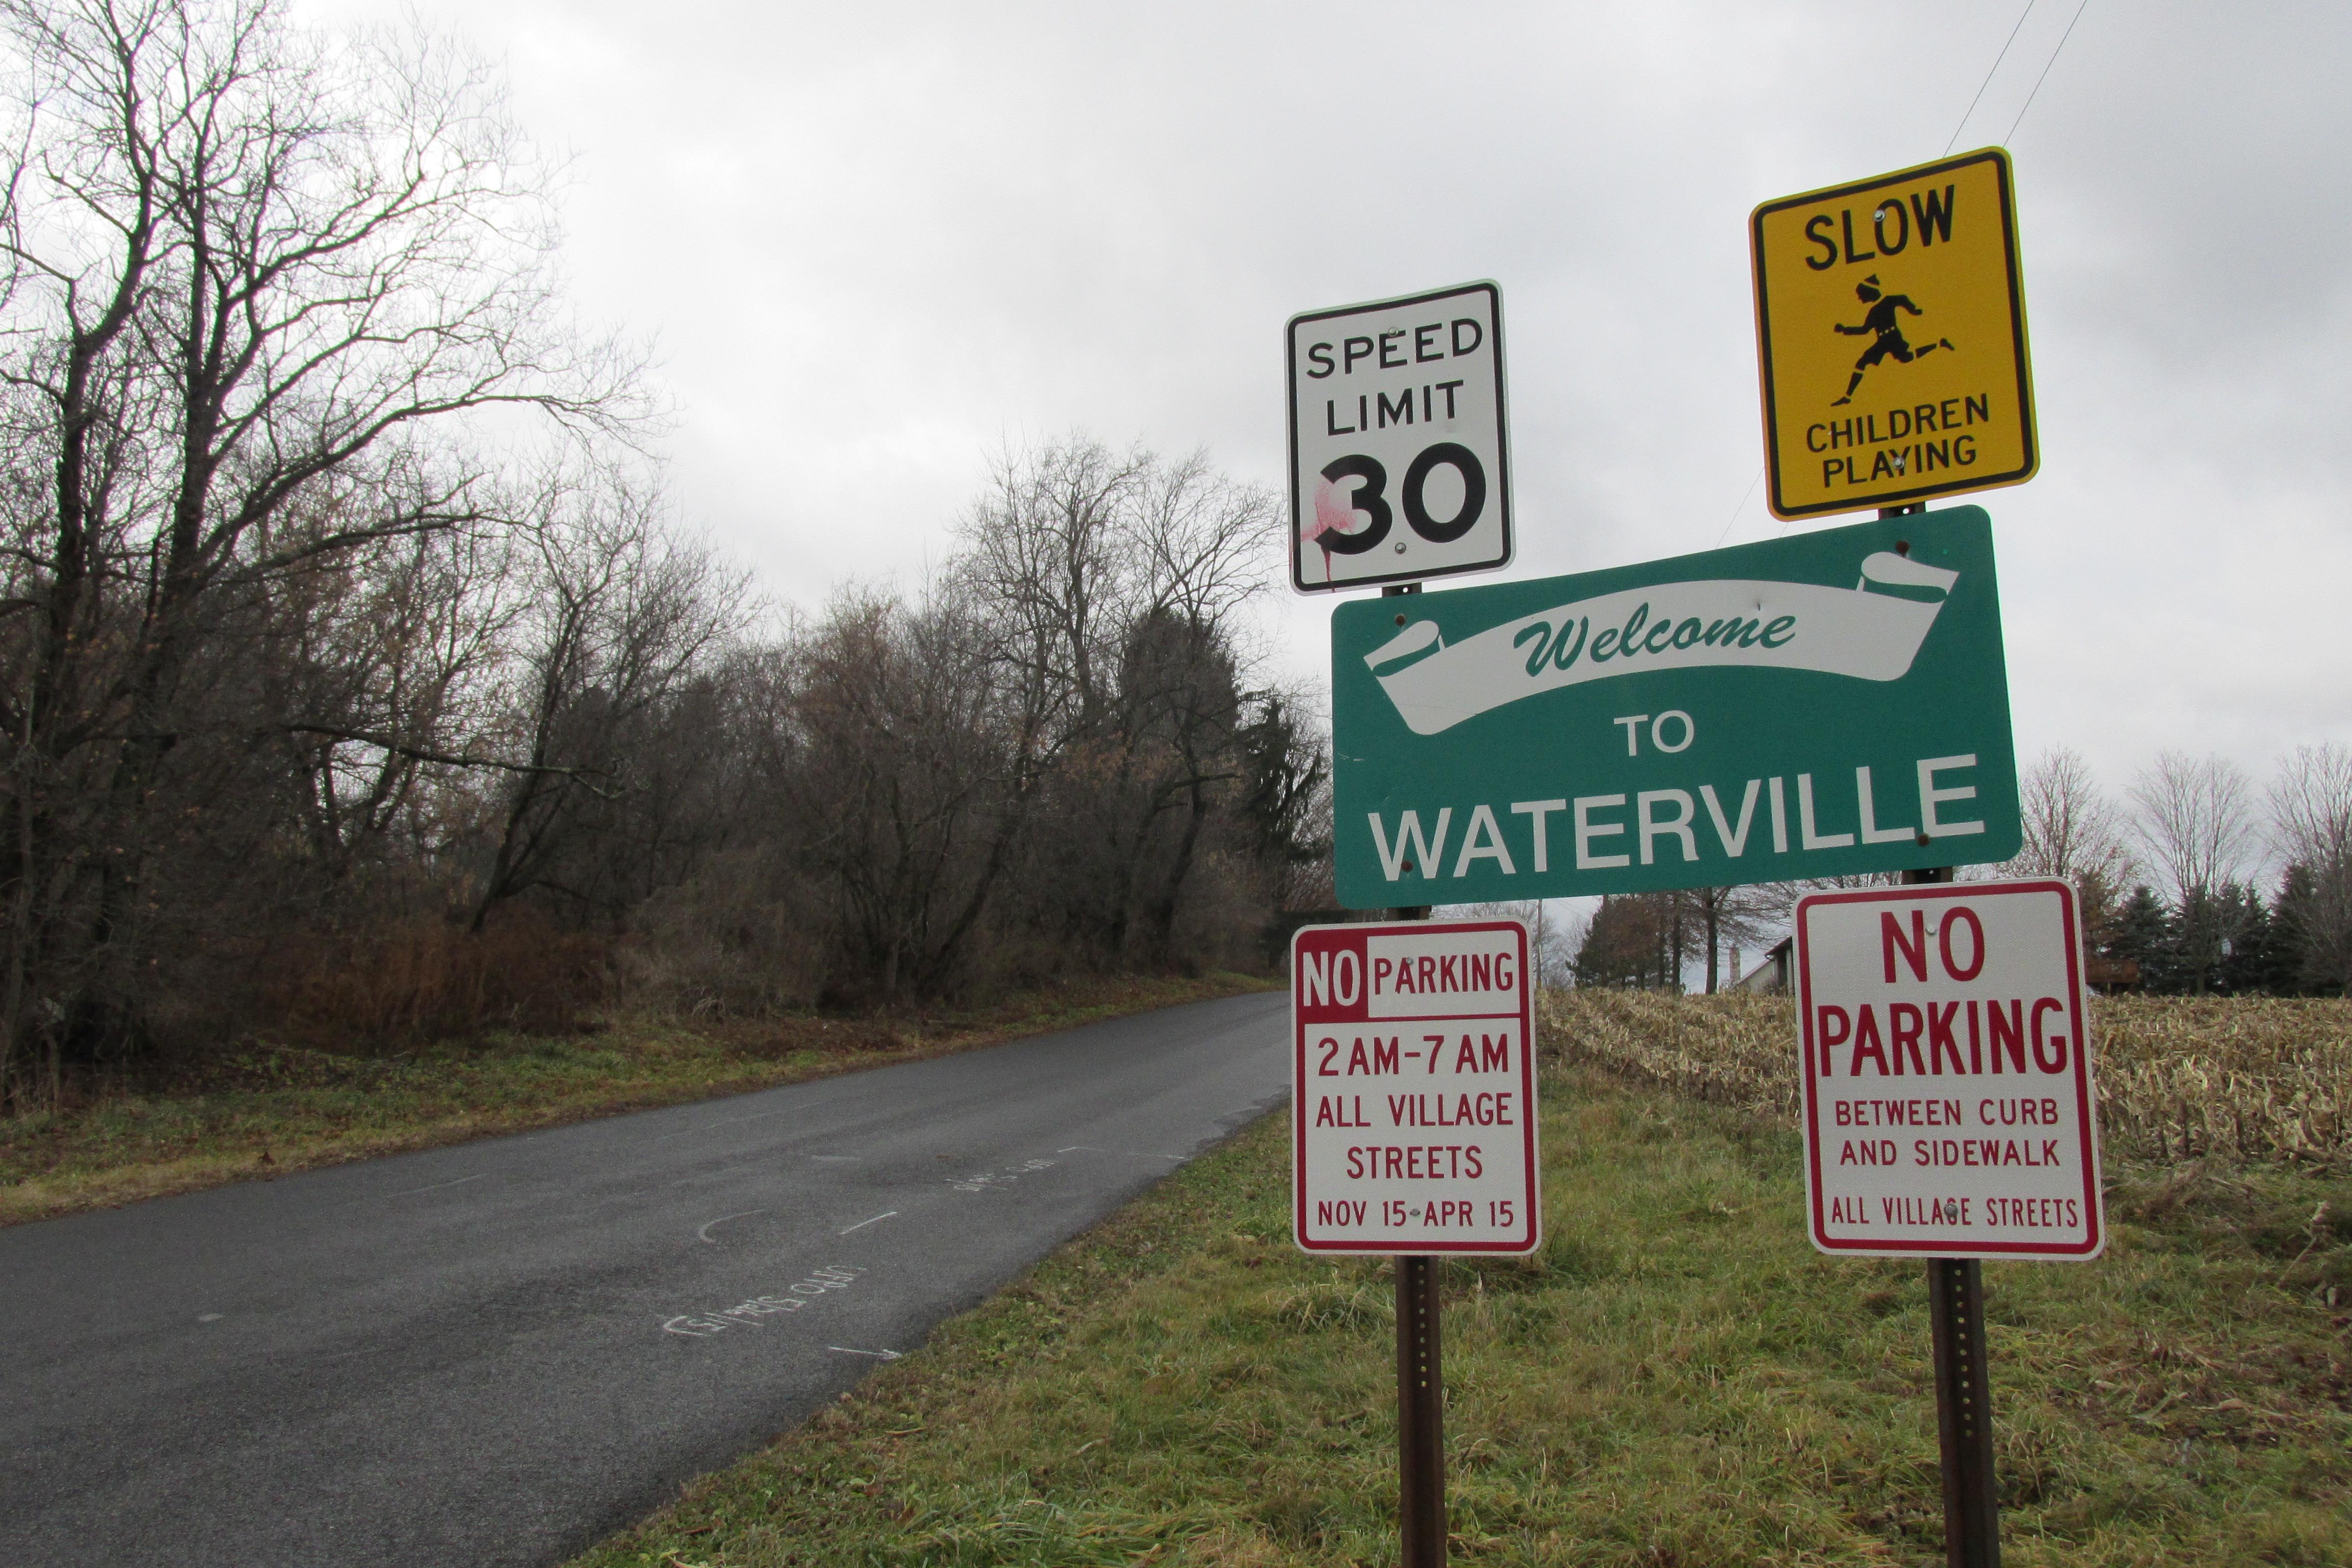 White St, Waterville, New York 13480